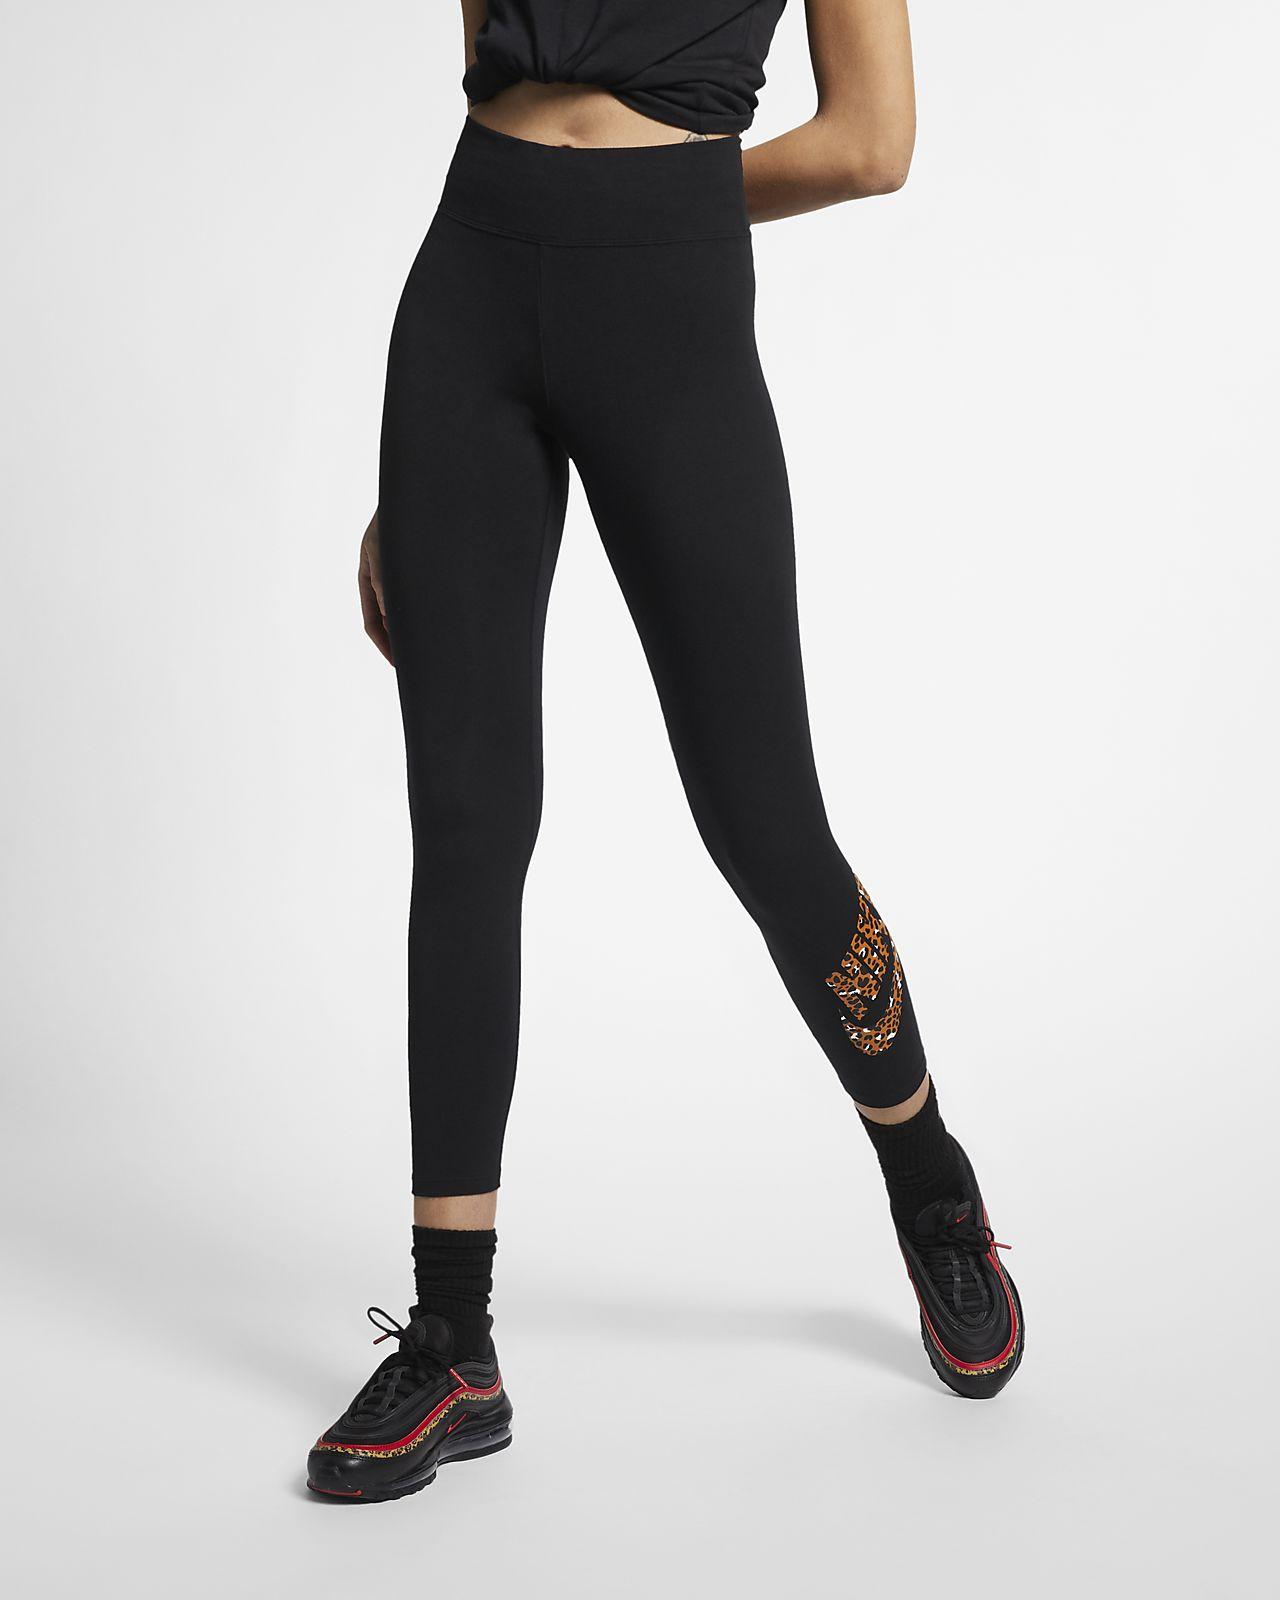 Leggings Nike Sportswear Animal Print för kvinnor